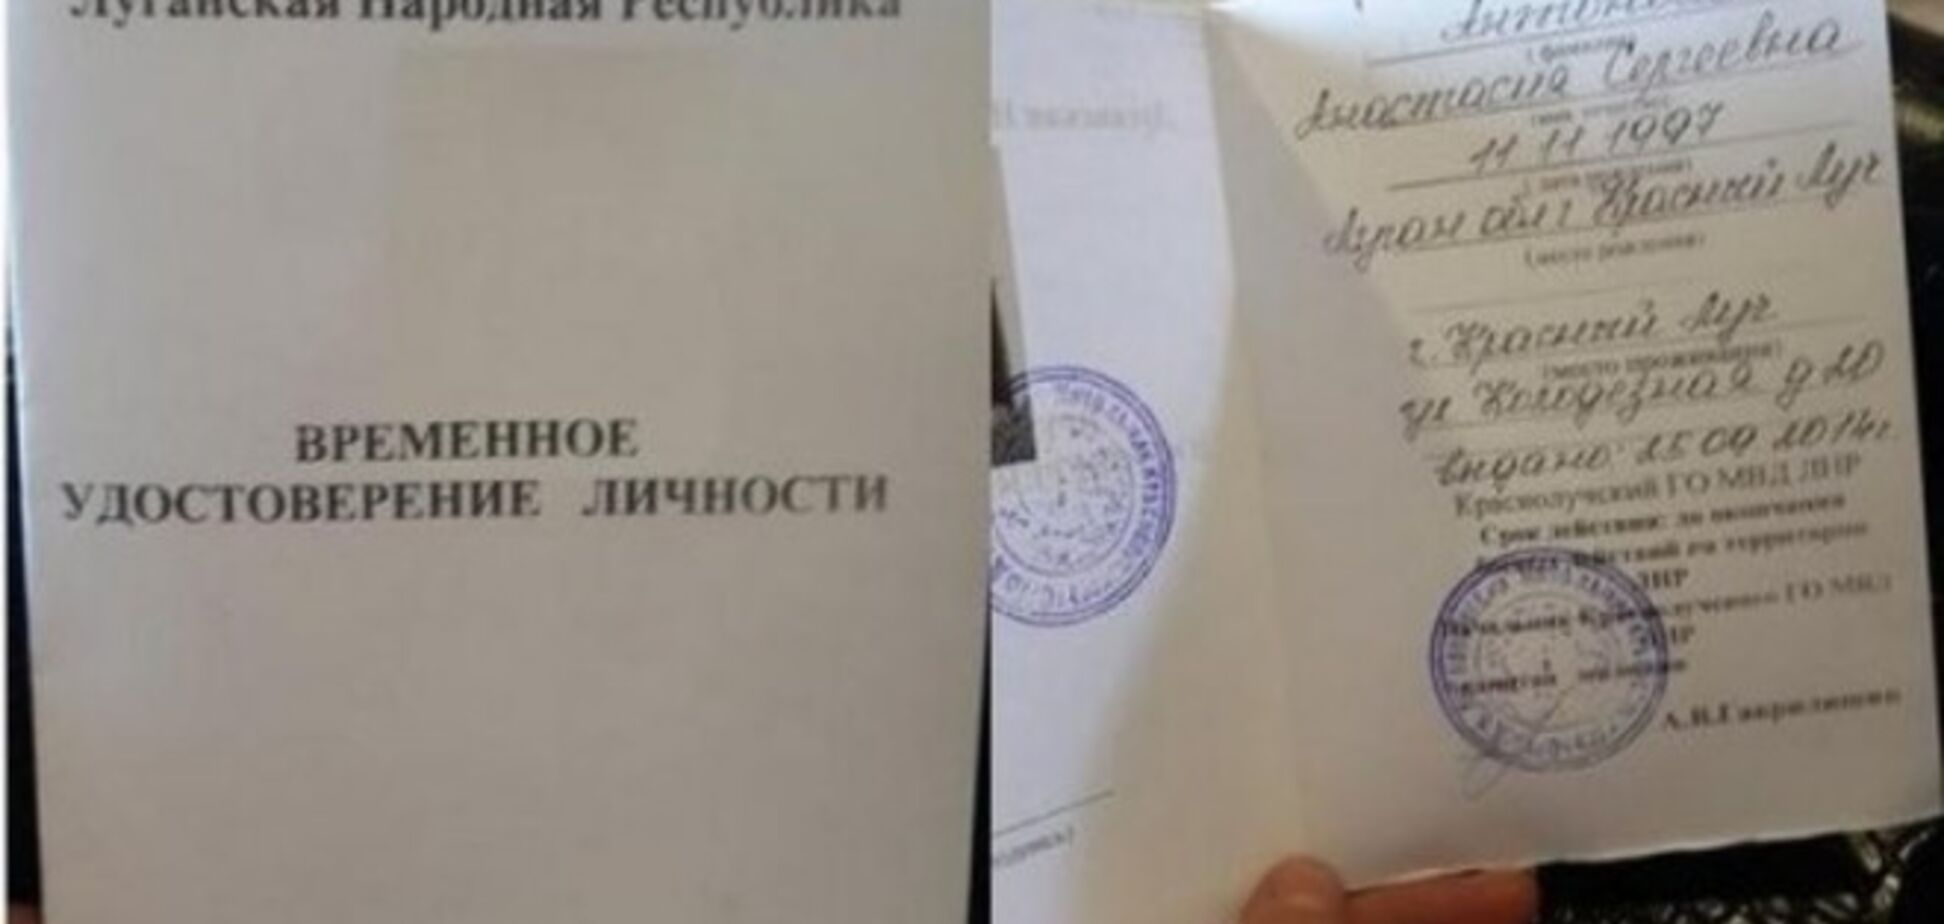 В 'ЛНР' начали выдавать 'паспорта', с которыми нельзя выехать даже в Россию